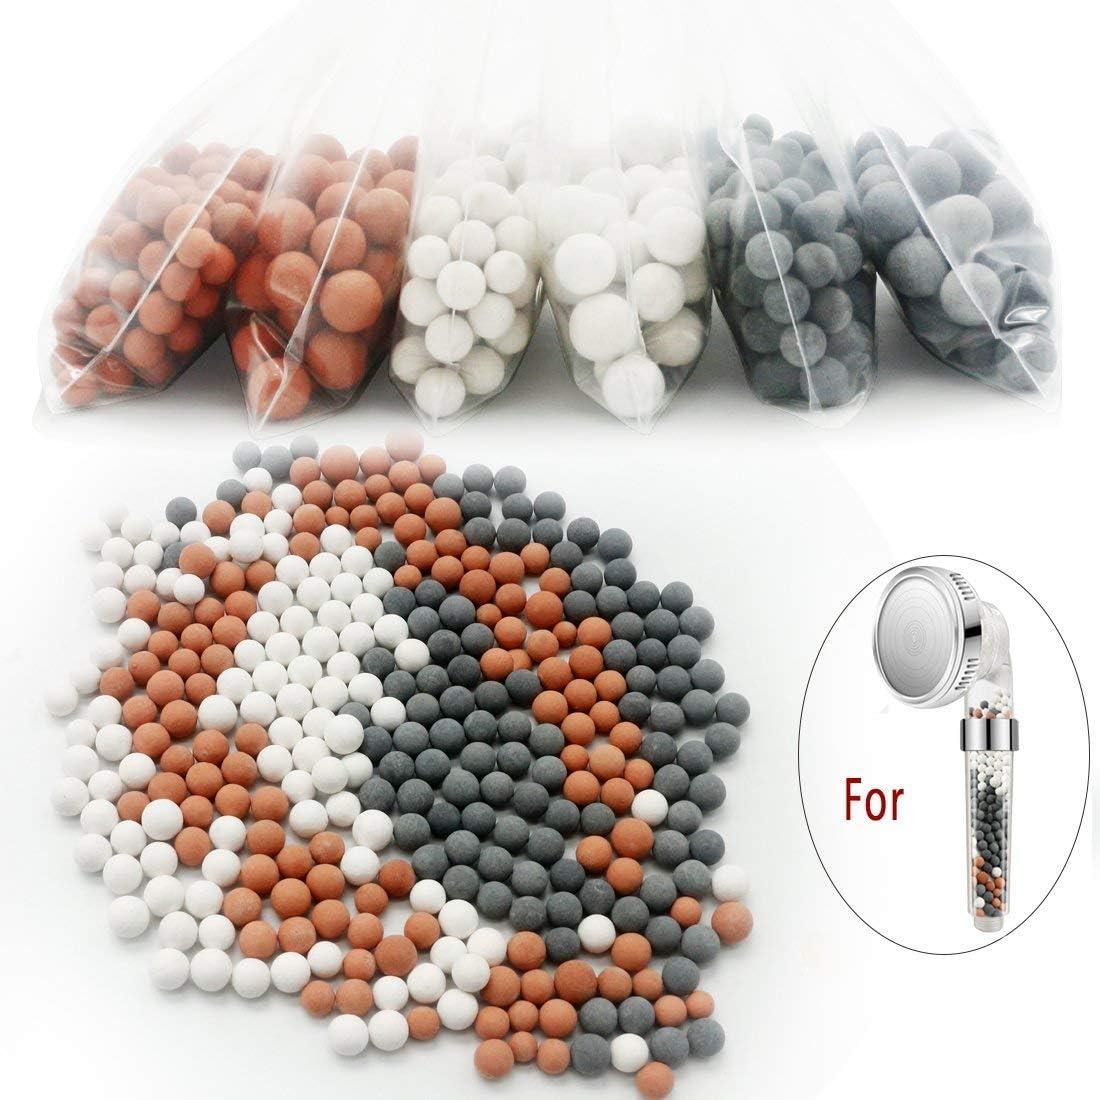 perfecto para cabezal de ducha de piedra Magichome 6 paquetes de bolas minerales de iones negativos de repuesto para filtraci/ón de agua dura piedra bioactiva de repuesto paquete de 6